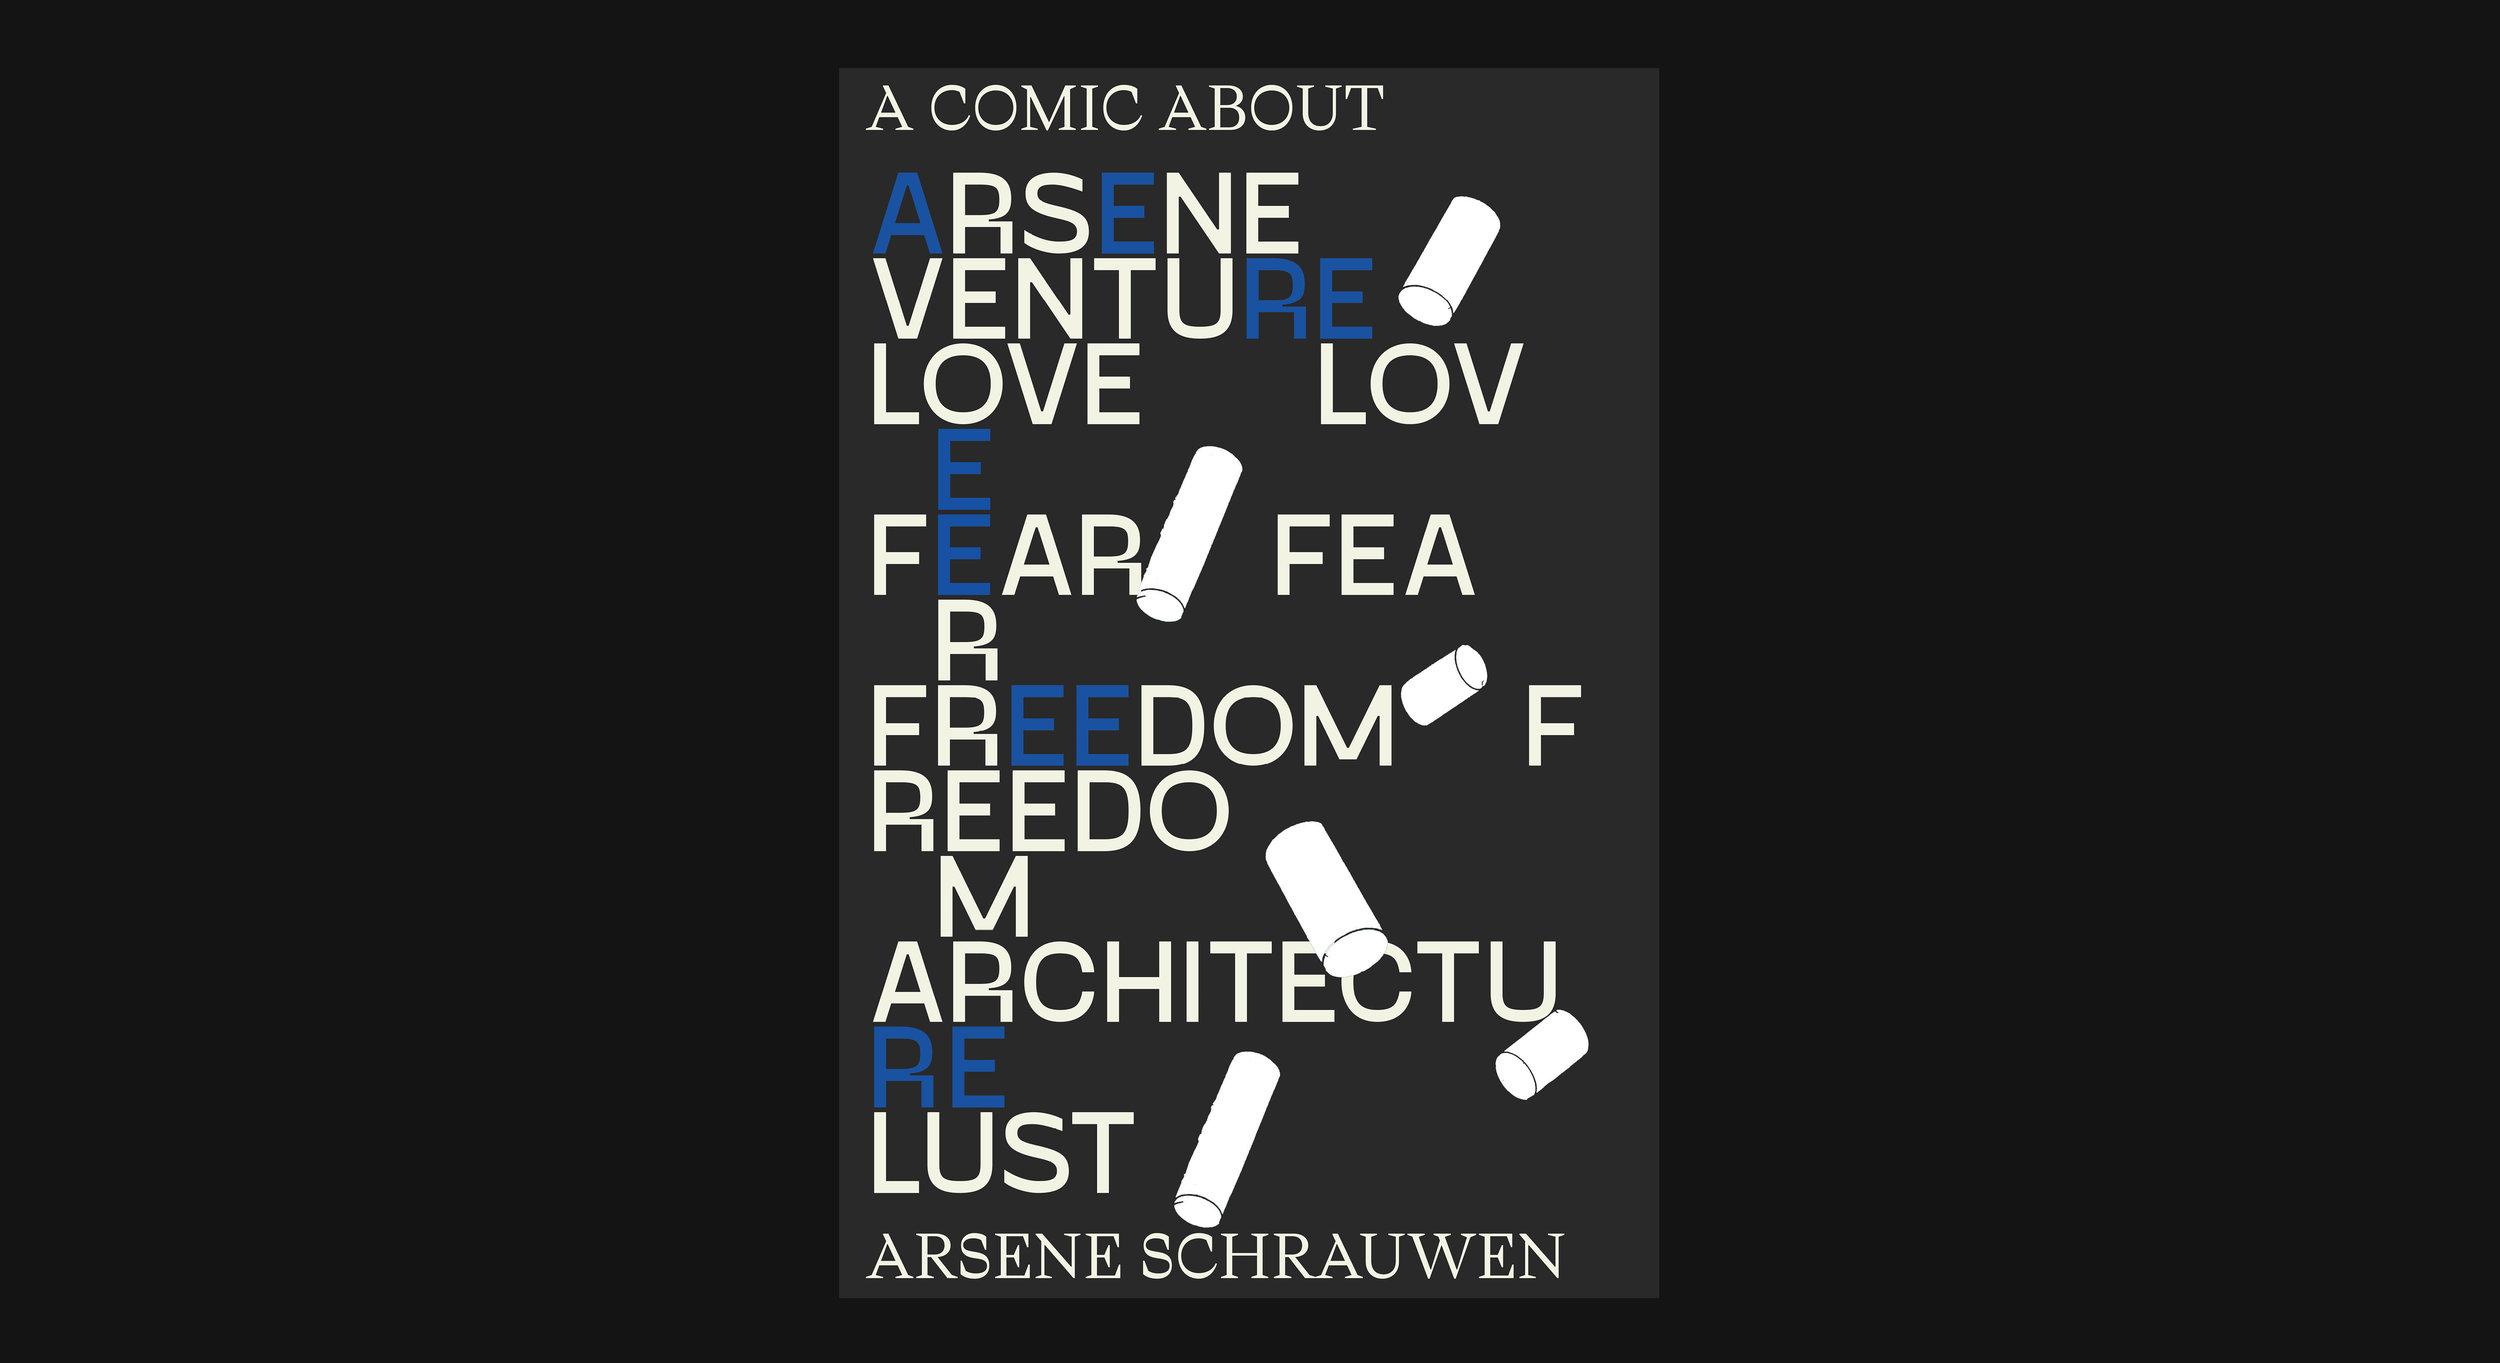 03_ArseneSchrauwen_repository.jpg